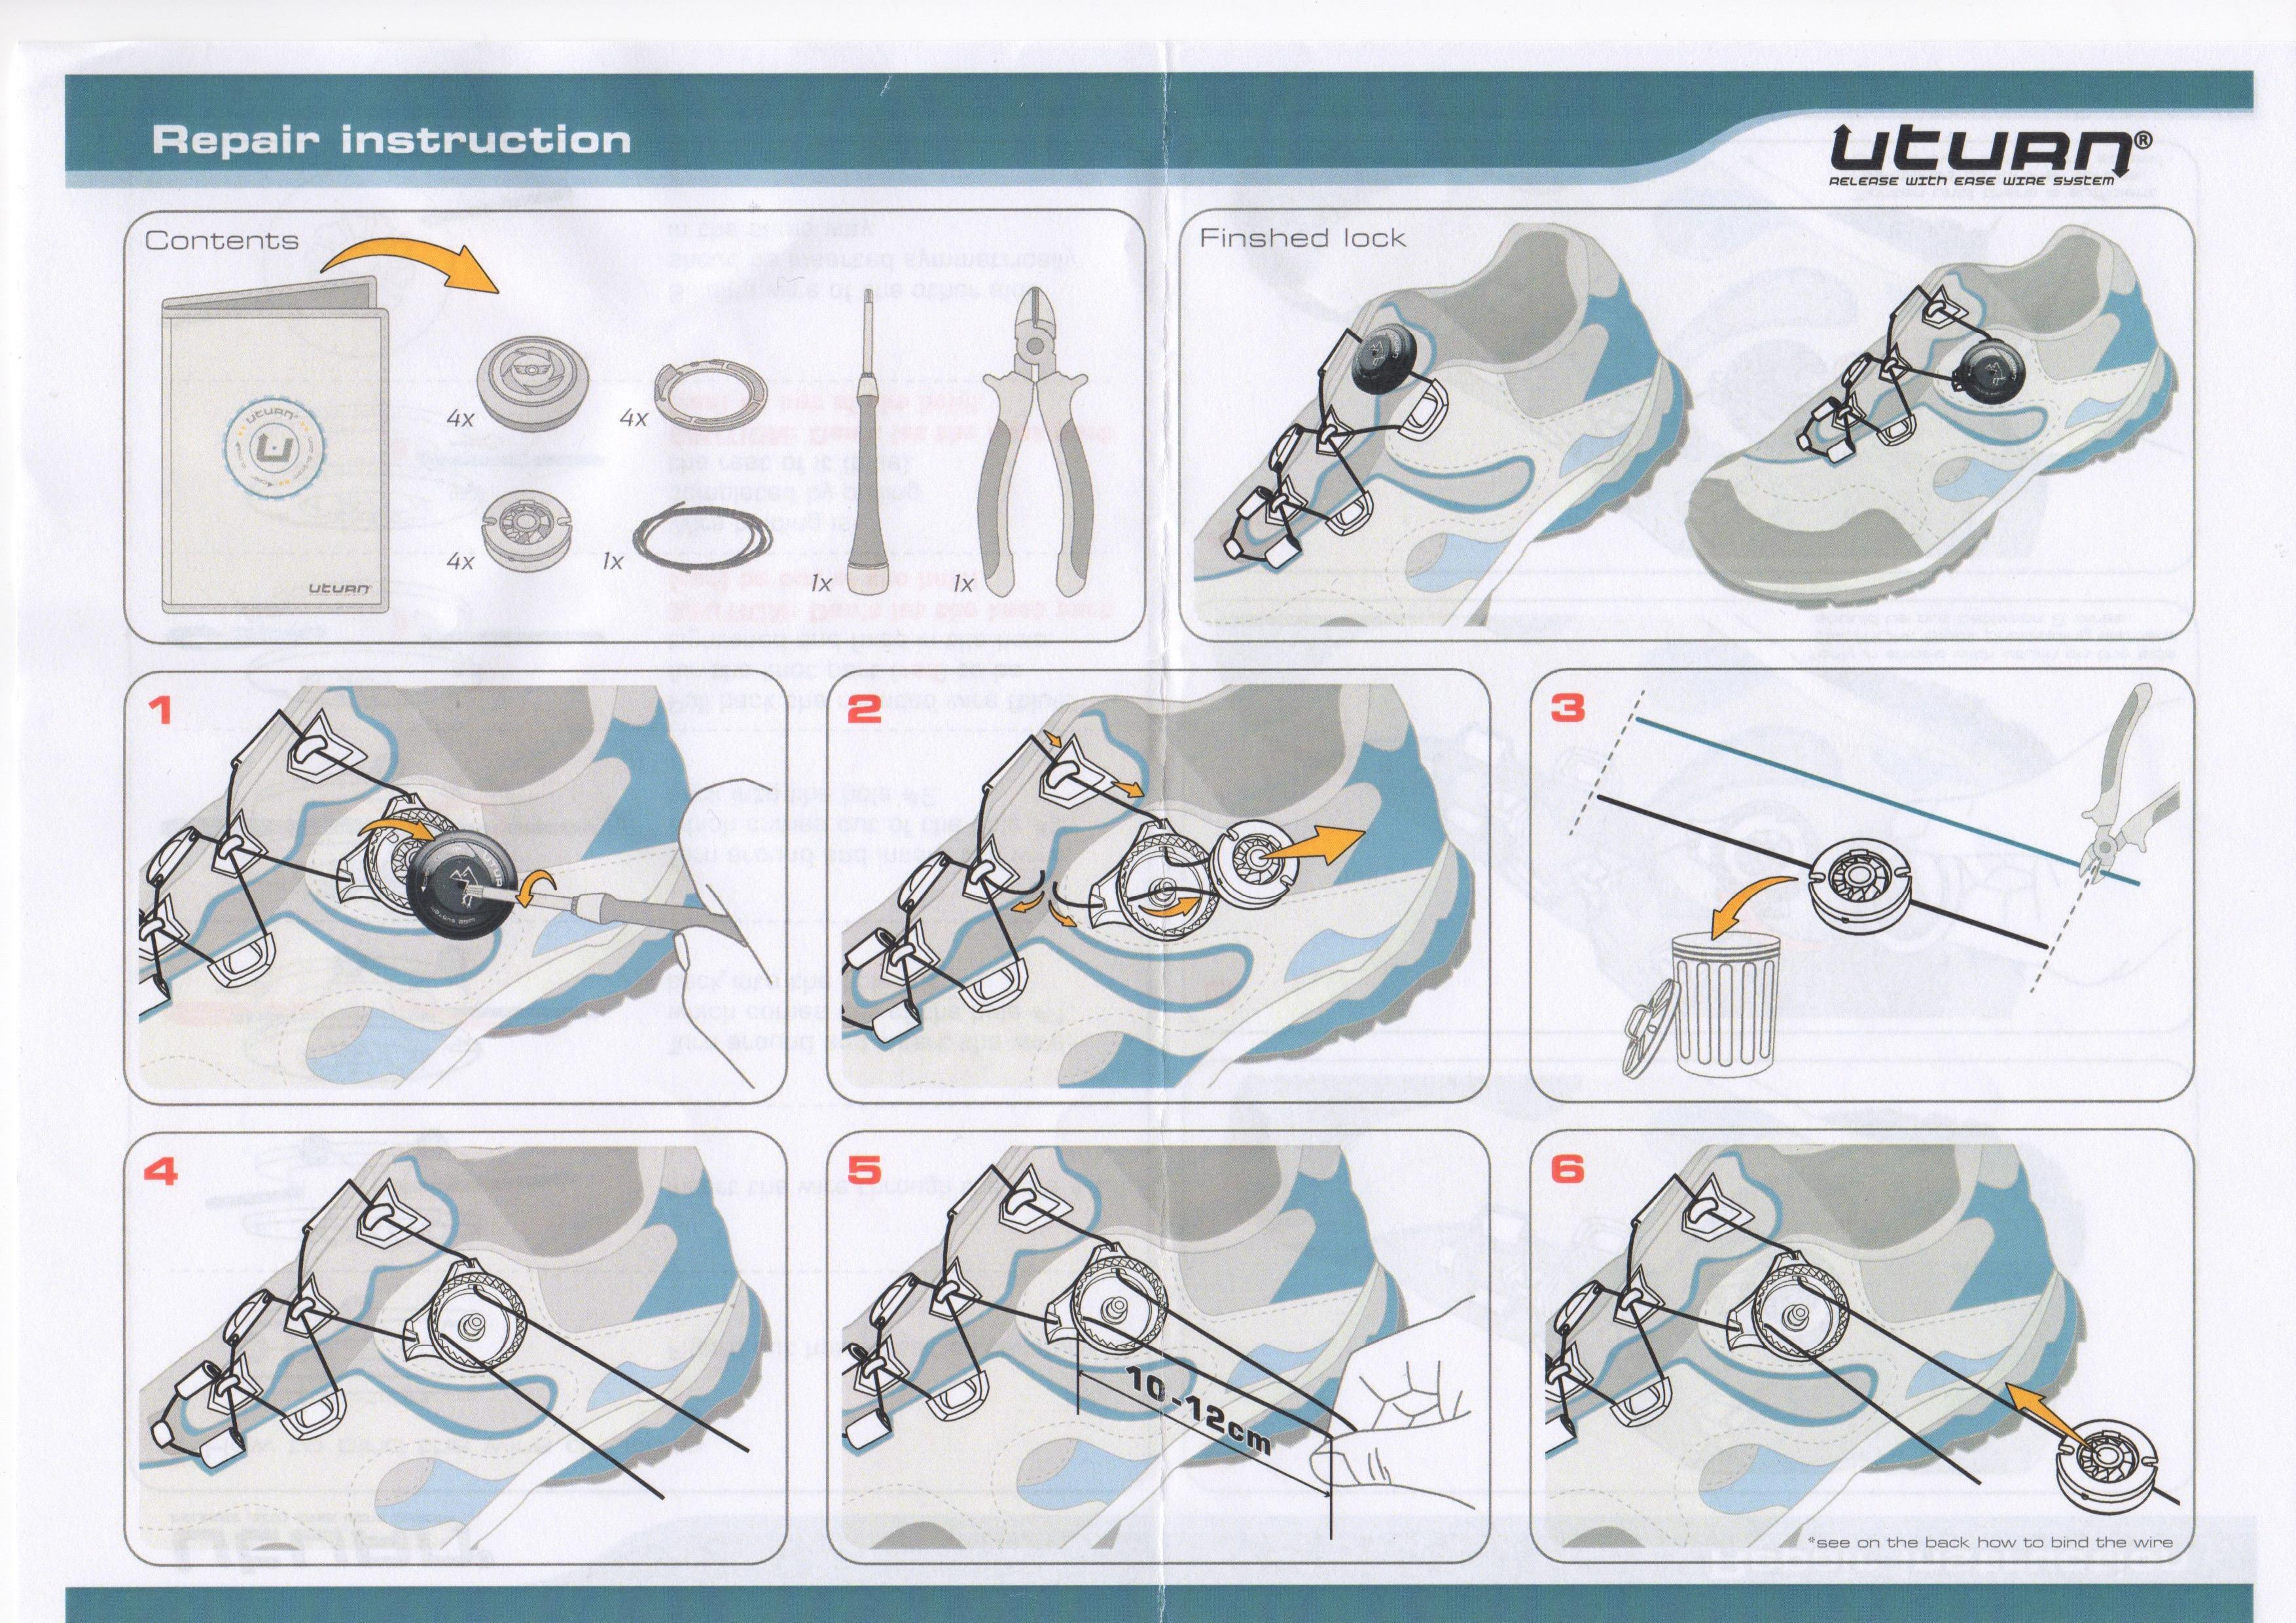 uturn guide